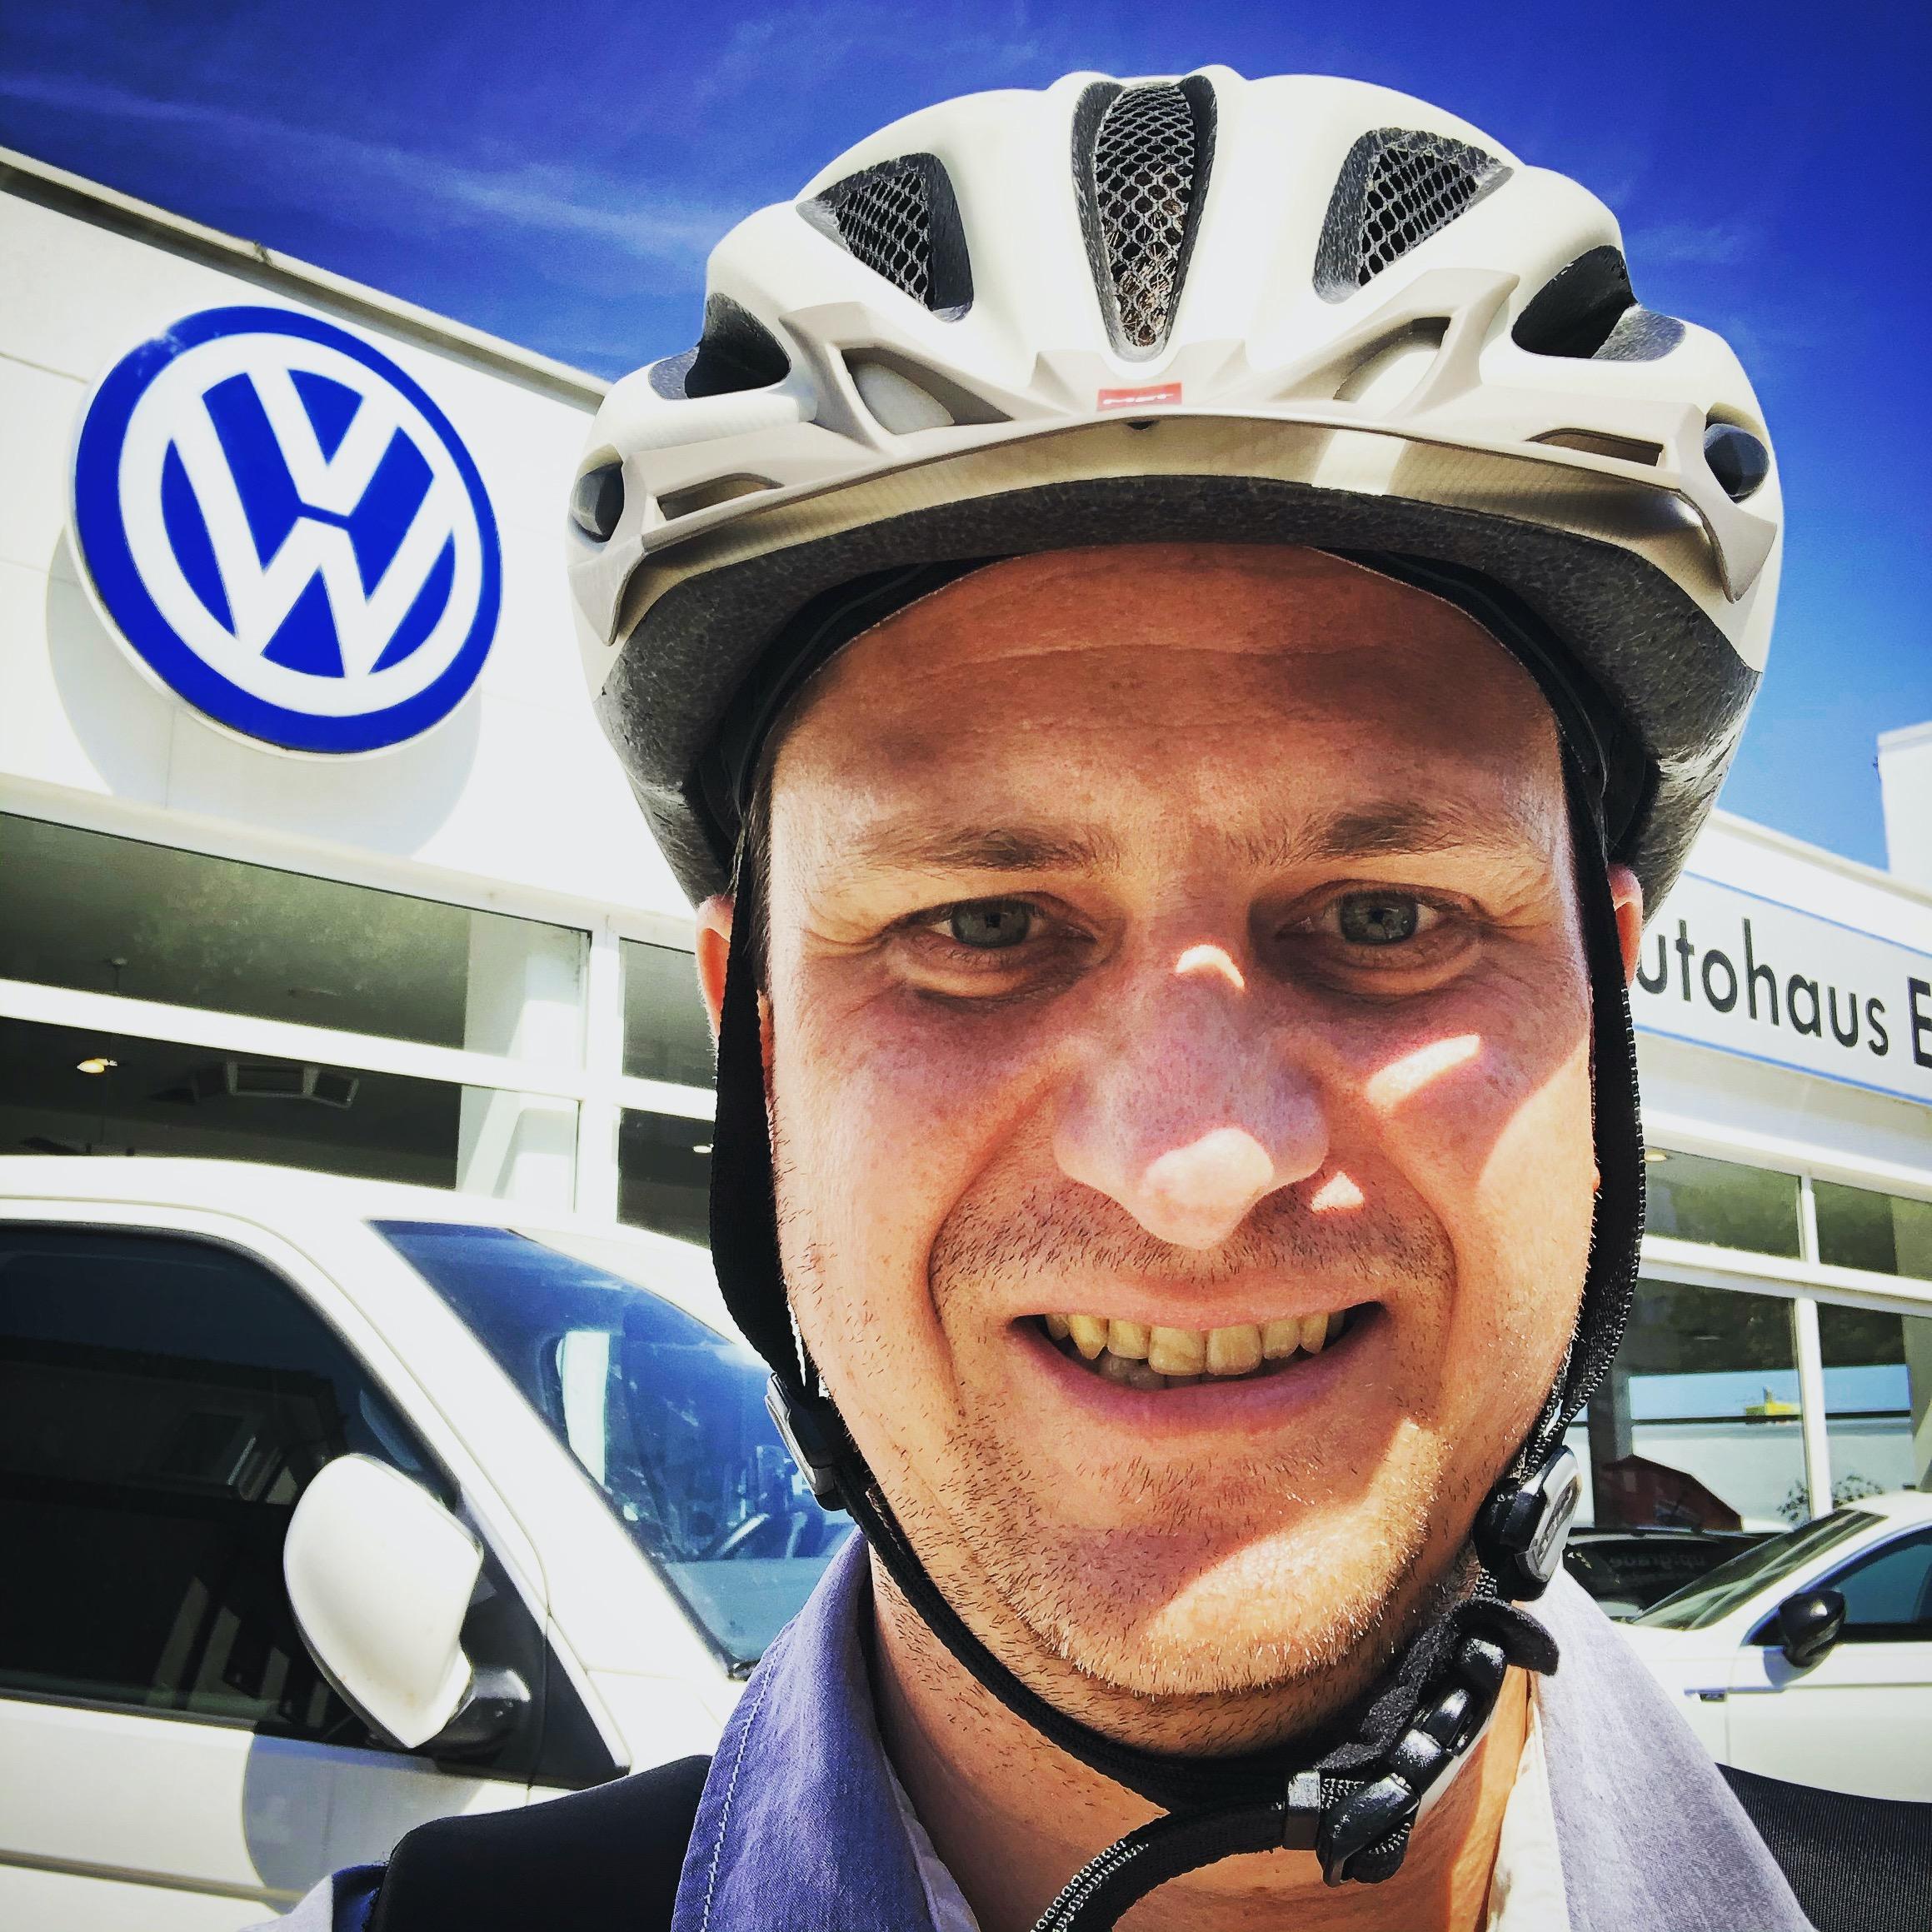 Selbstportrait vor dem VW Autohändler